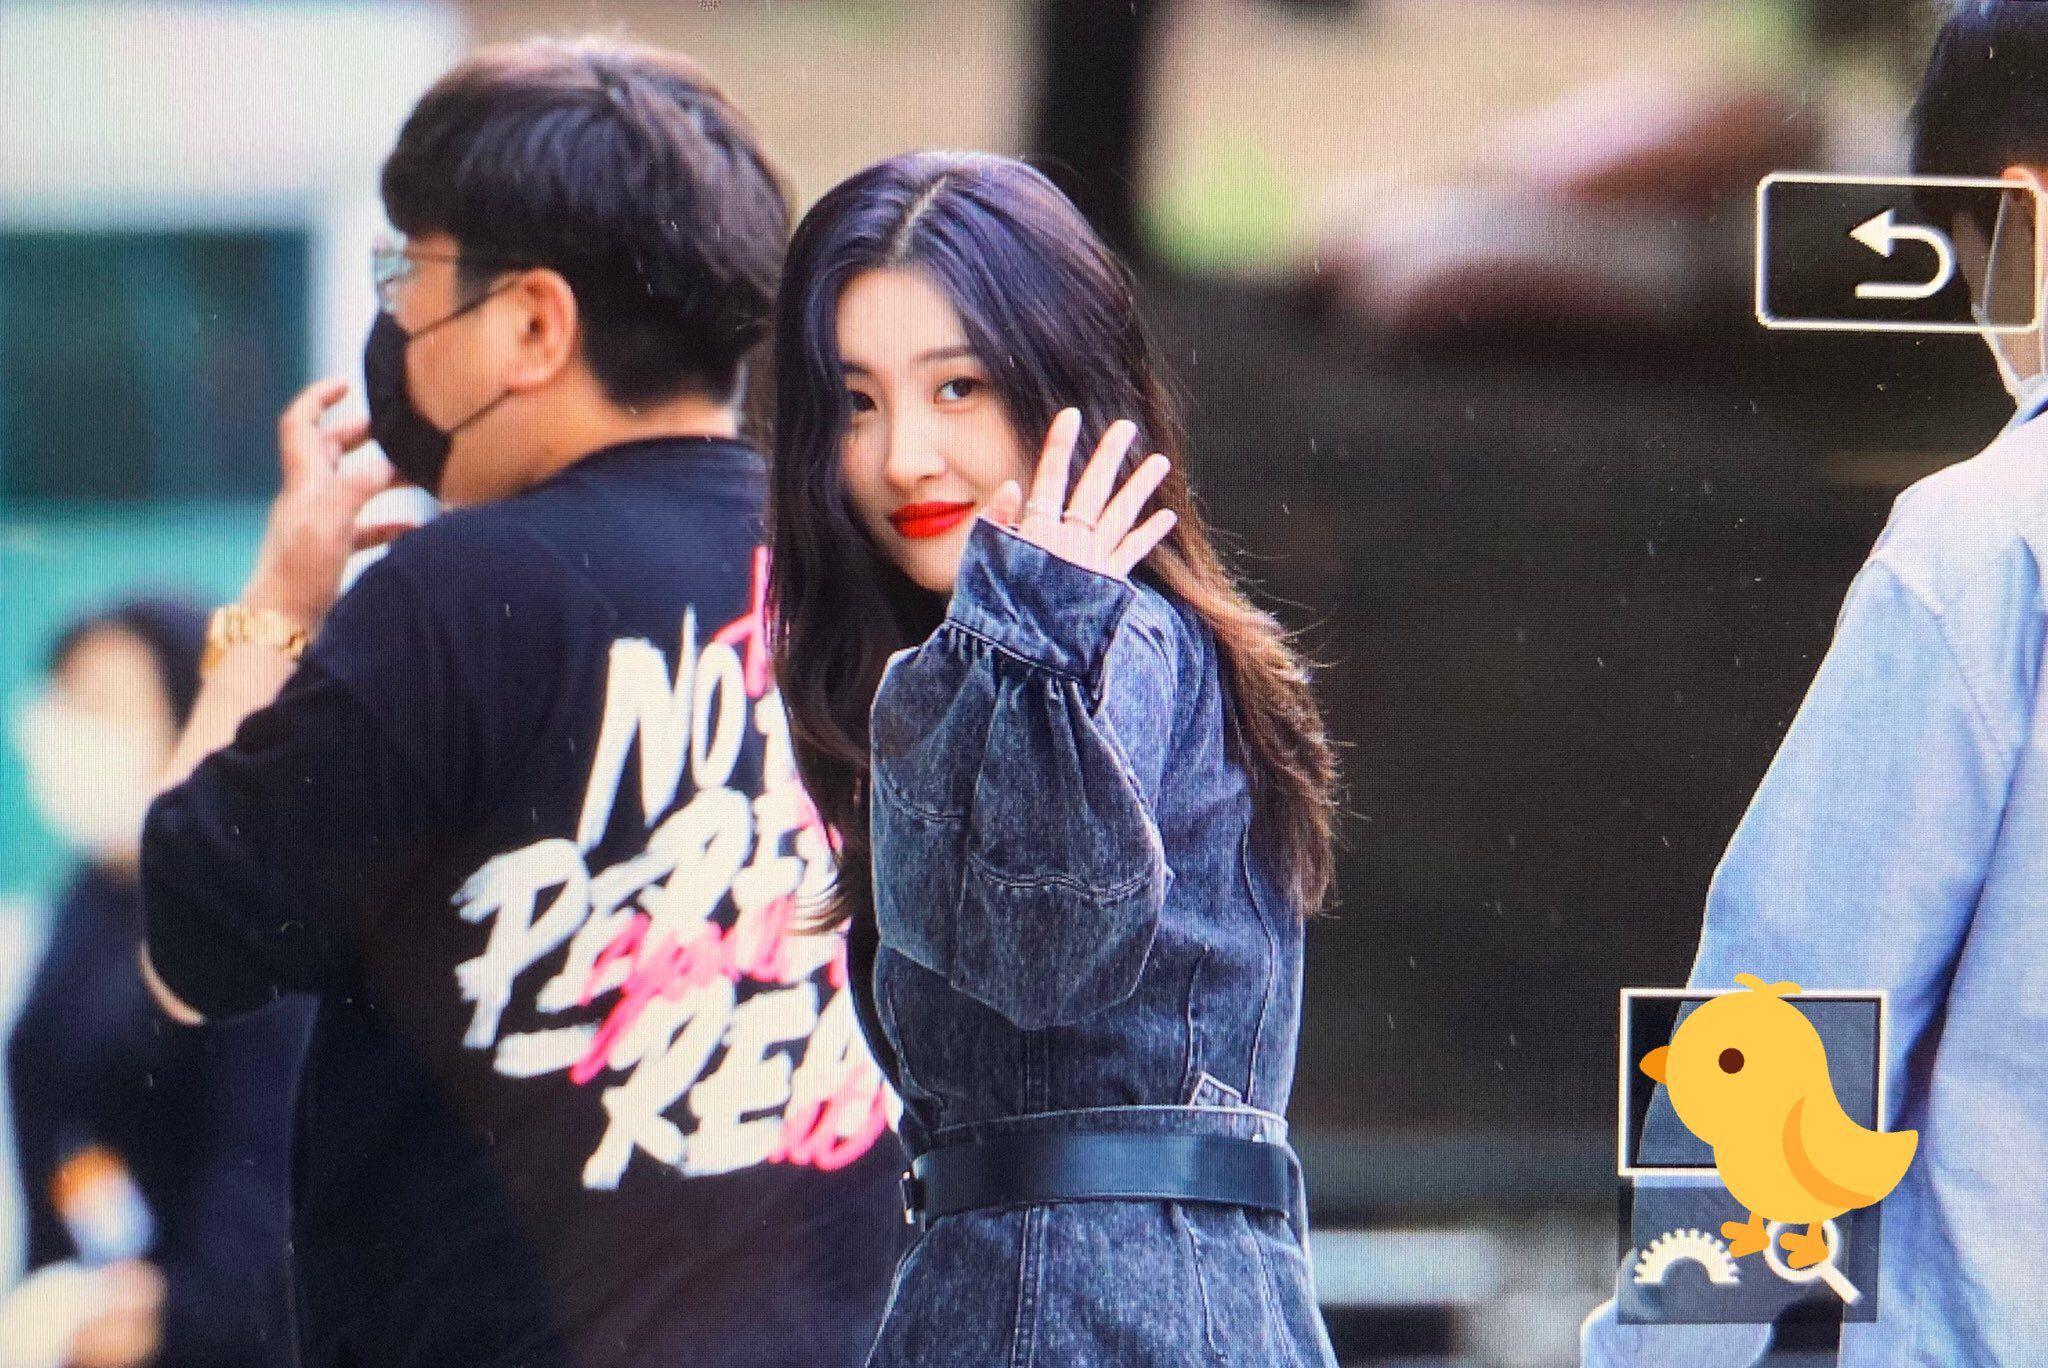 FY! WONDER GIRLS #lee sunmi   Kpop girl groups, Girl